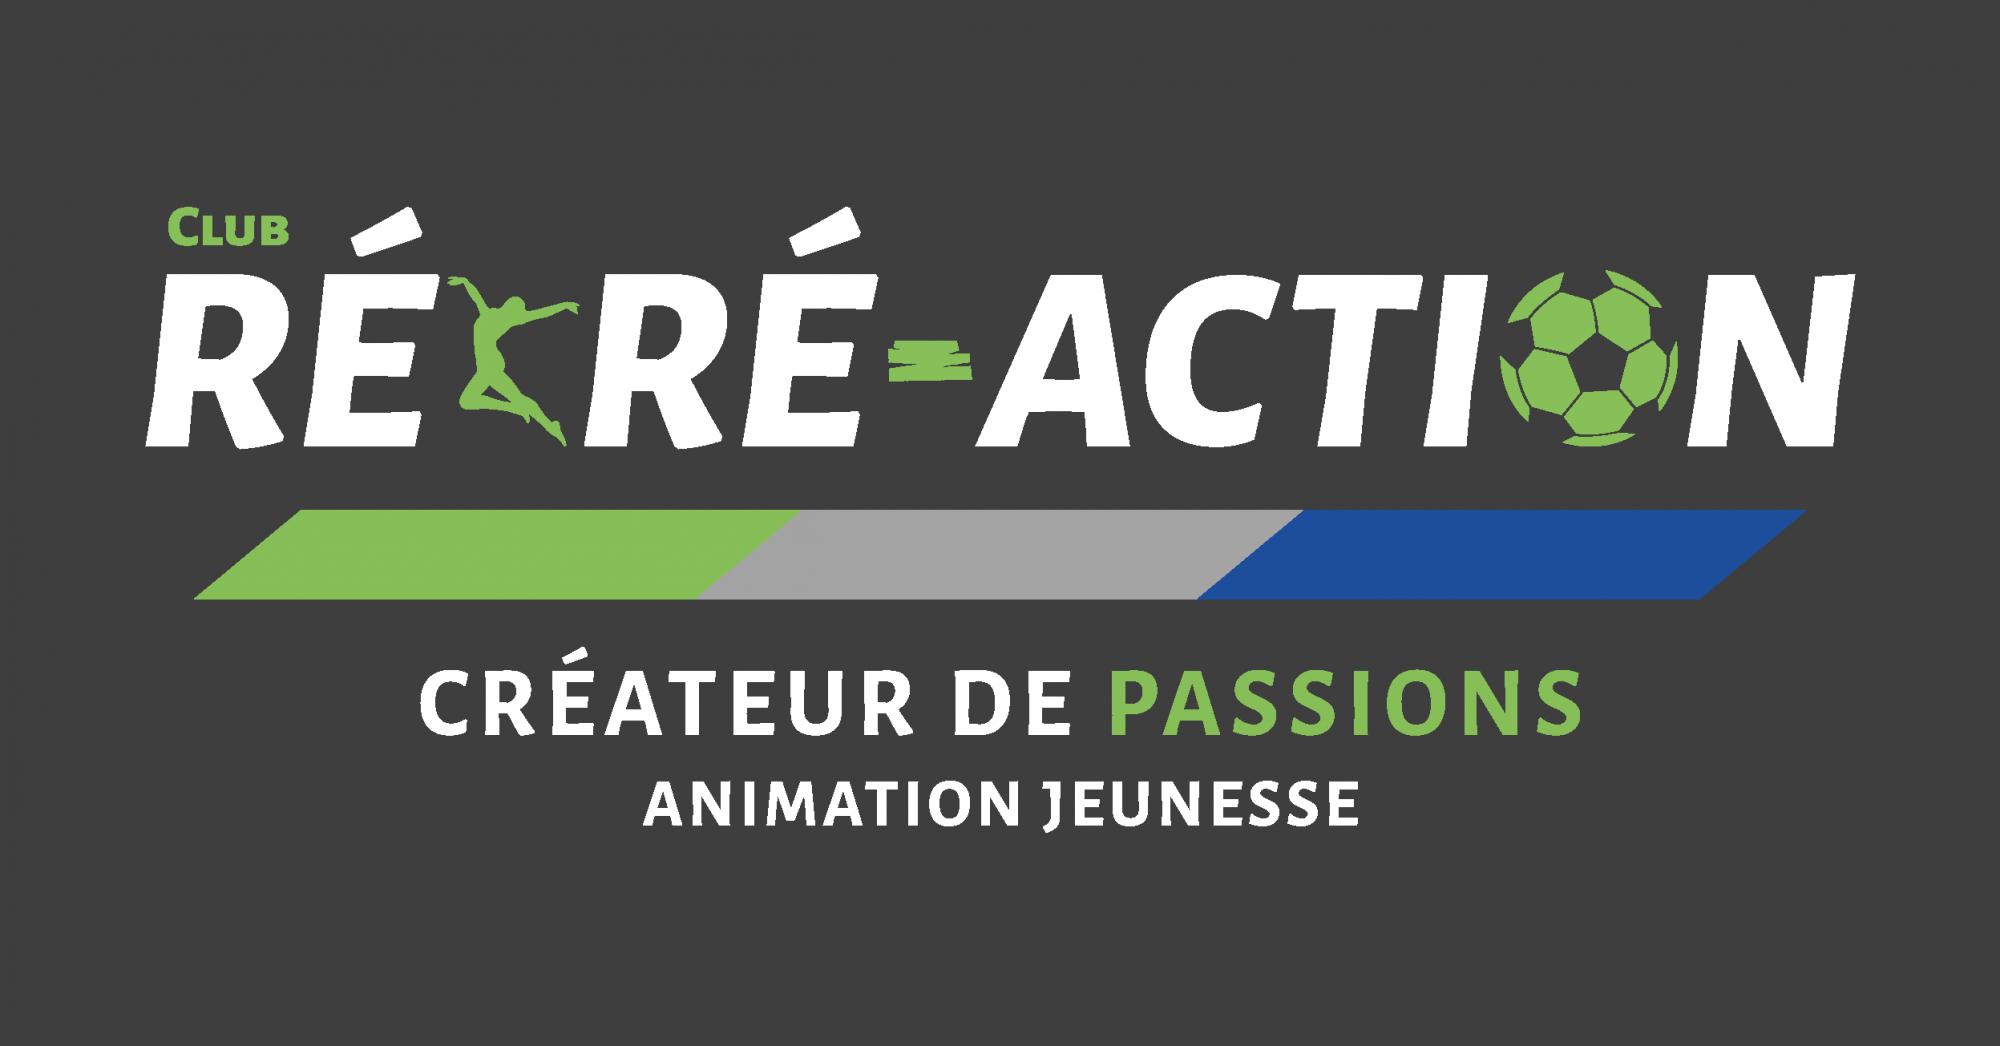 Logos Recre Action 1 Logo Couleurs